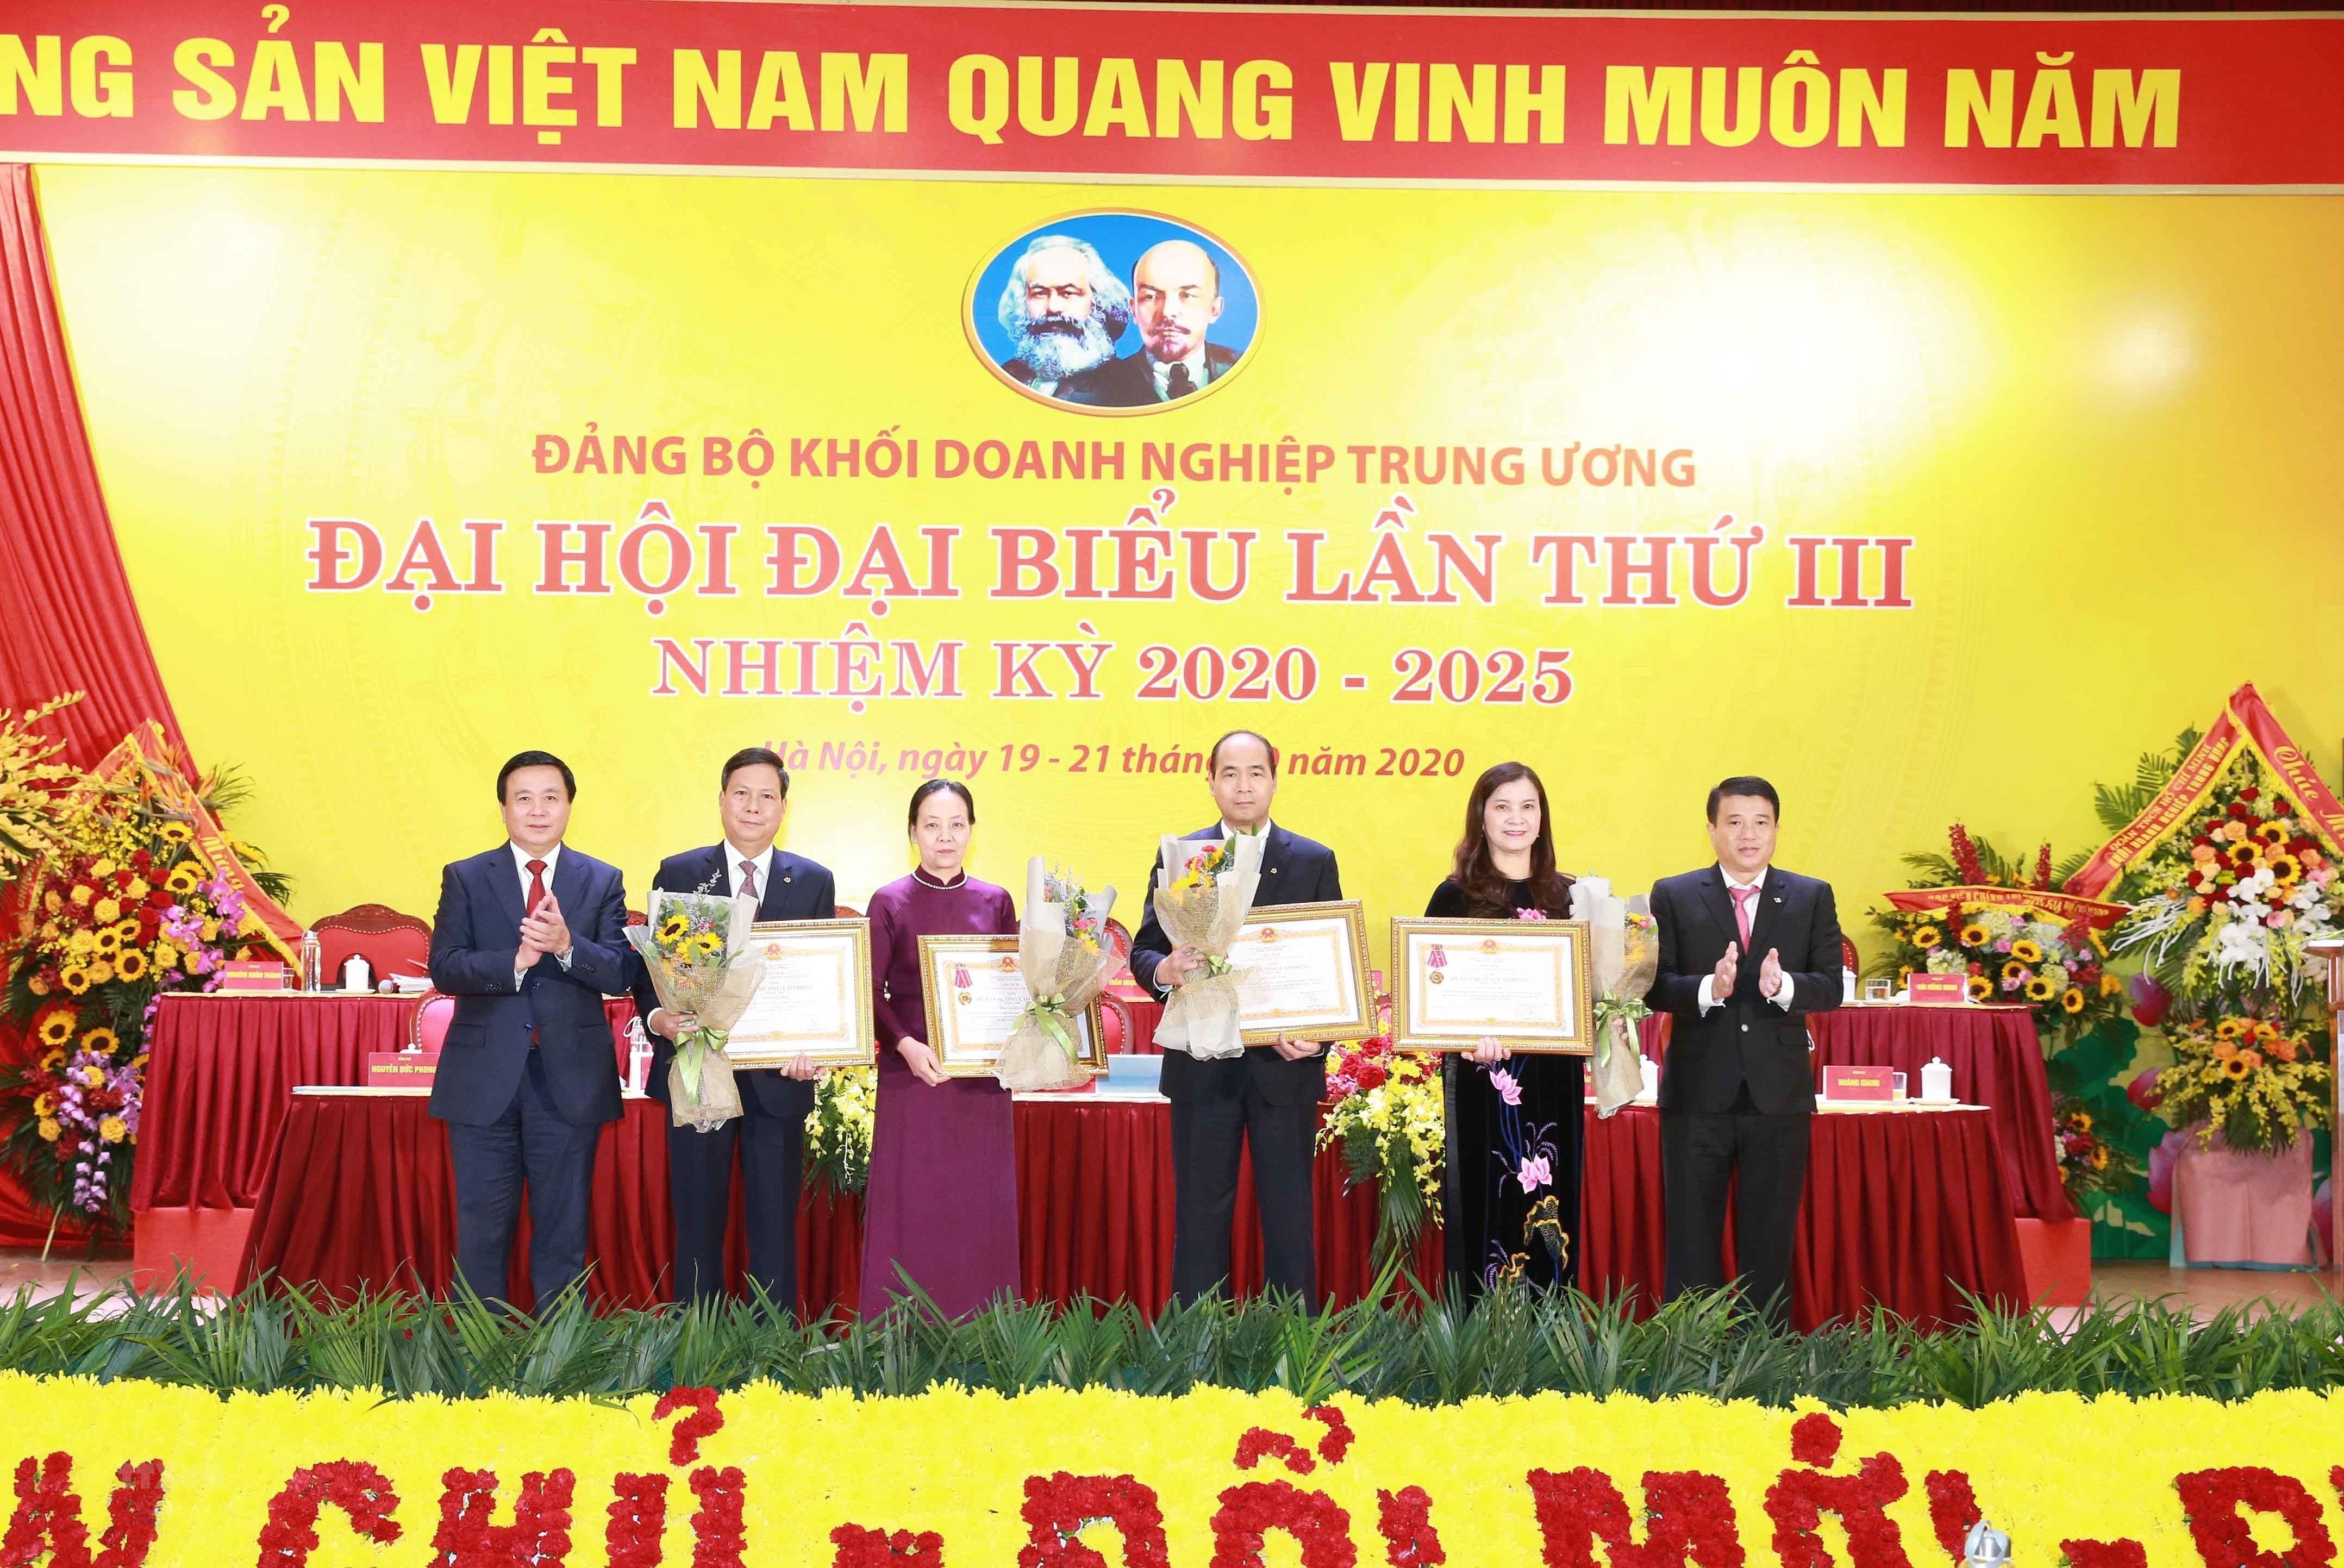 Khai mac Dai hoi dai bieu Dang bo Khoi Doanh nghiep Trung uong lan III hinh anh 2